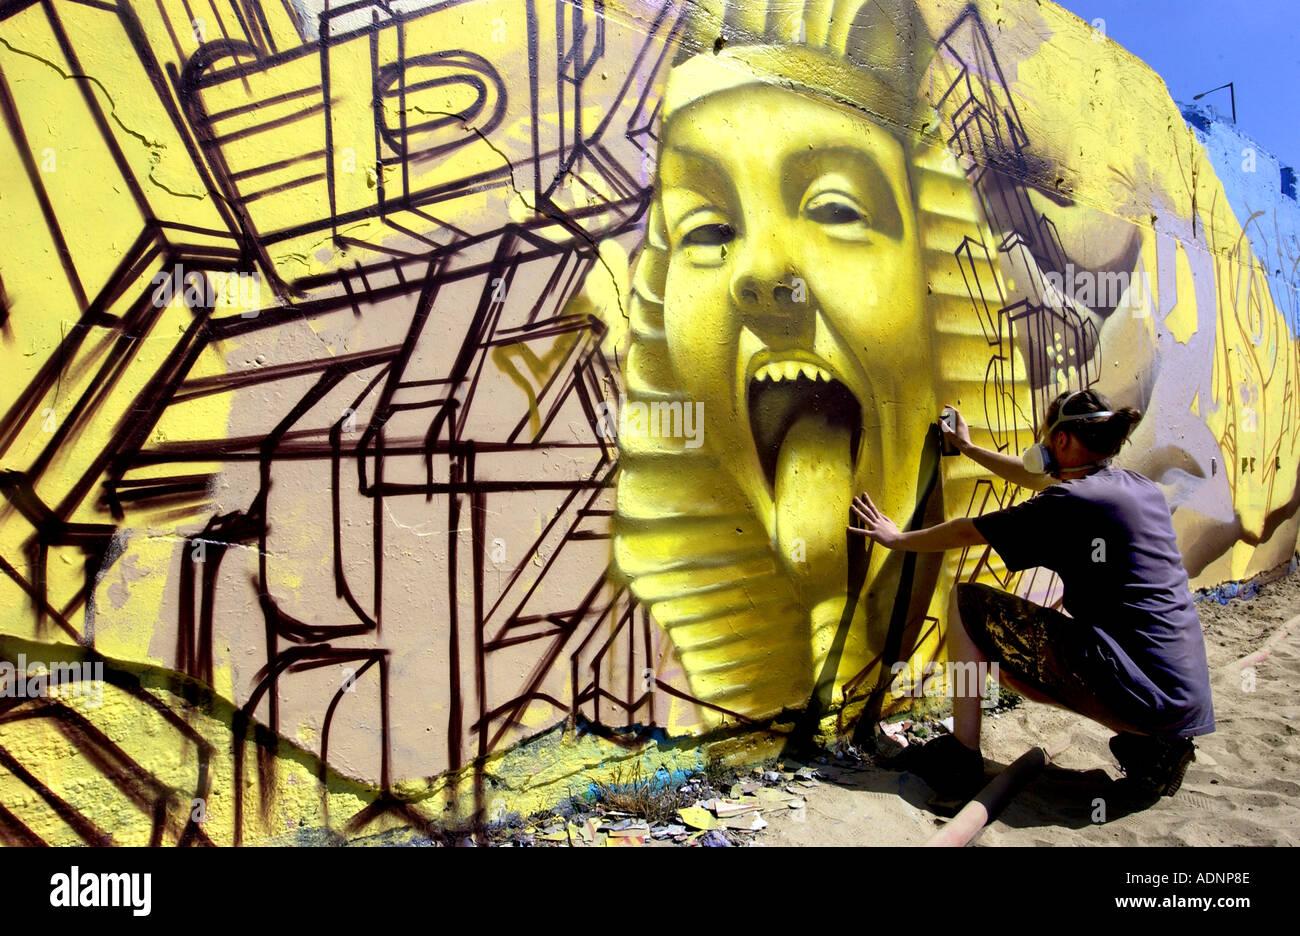 Strada urbana arte incontra gli antichi egizi come artista di